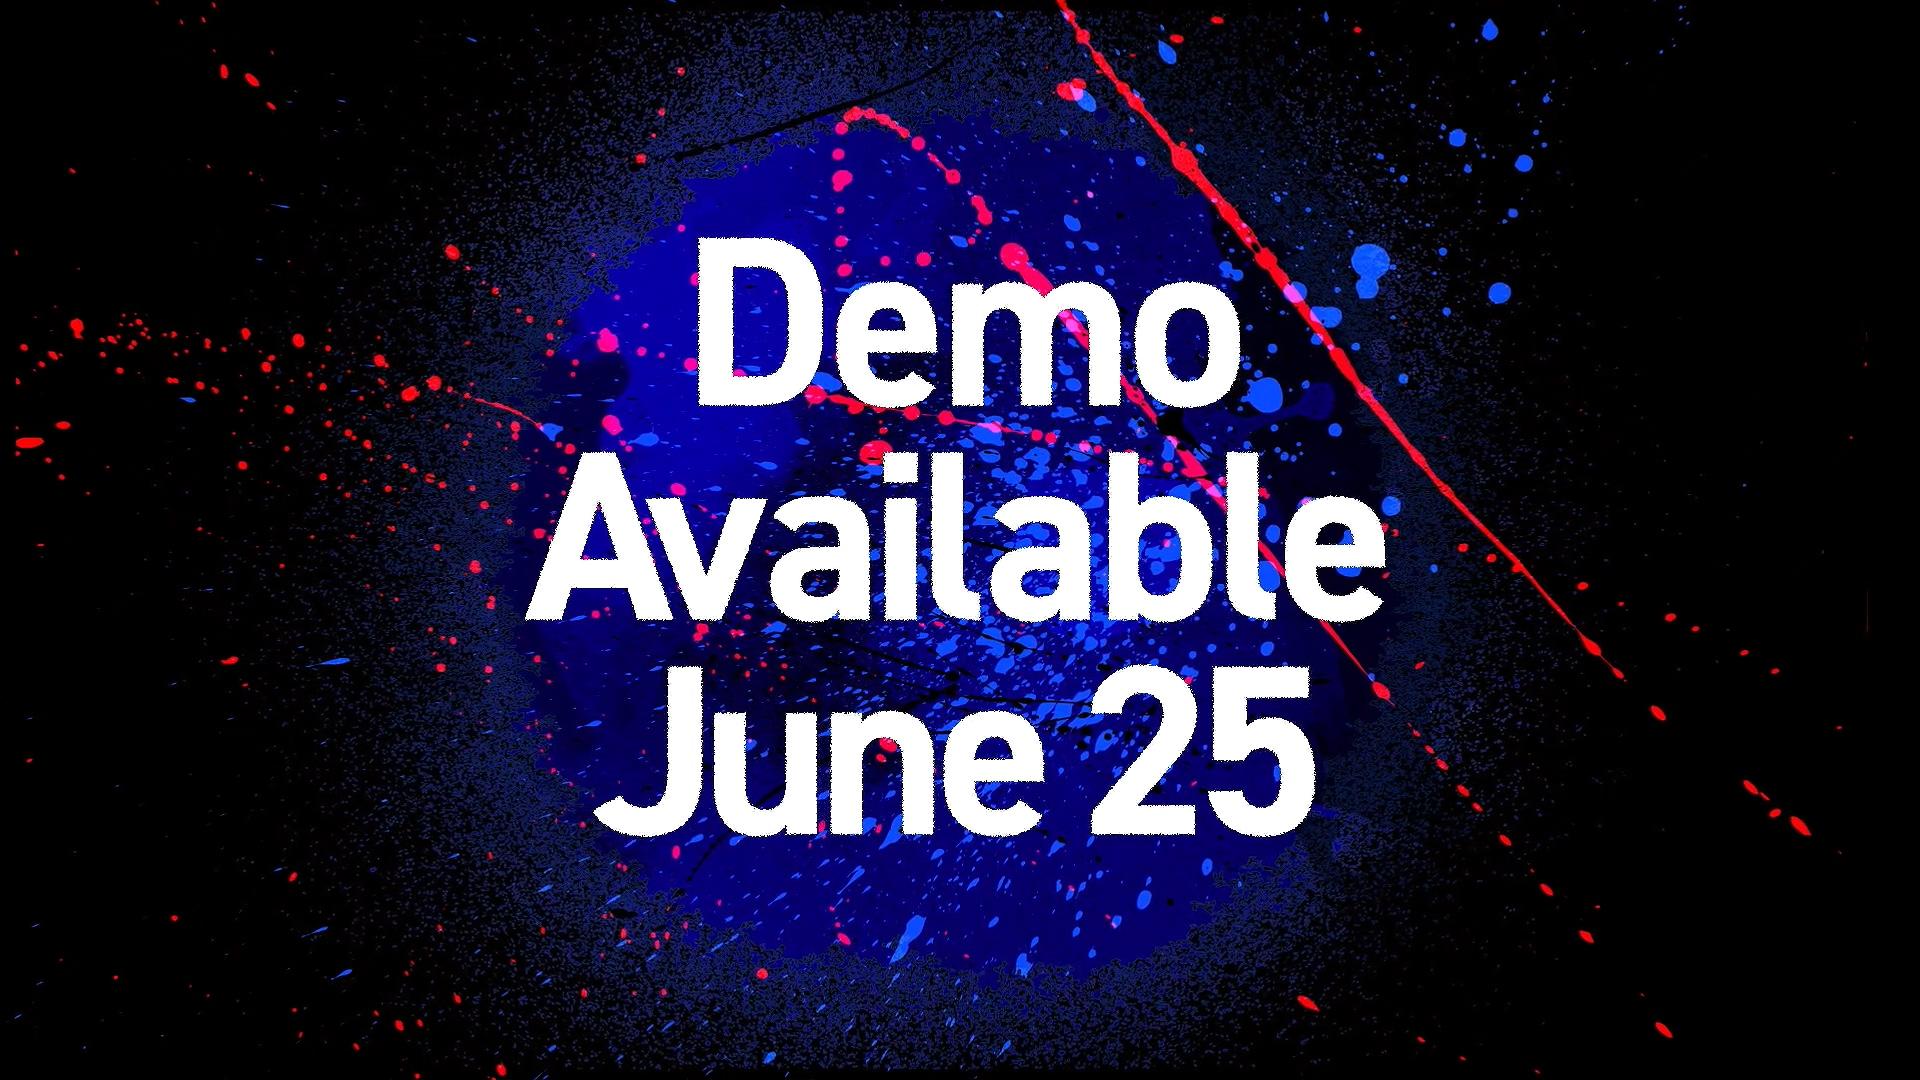 《新美妙世界》终极预告发布 试玩版6月25日推出